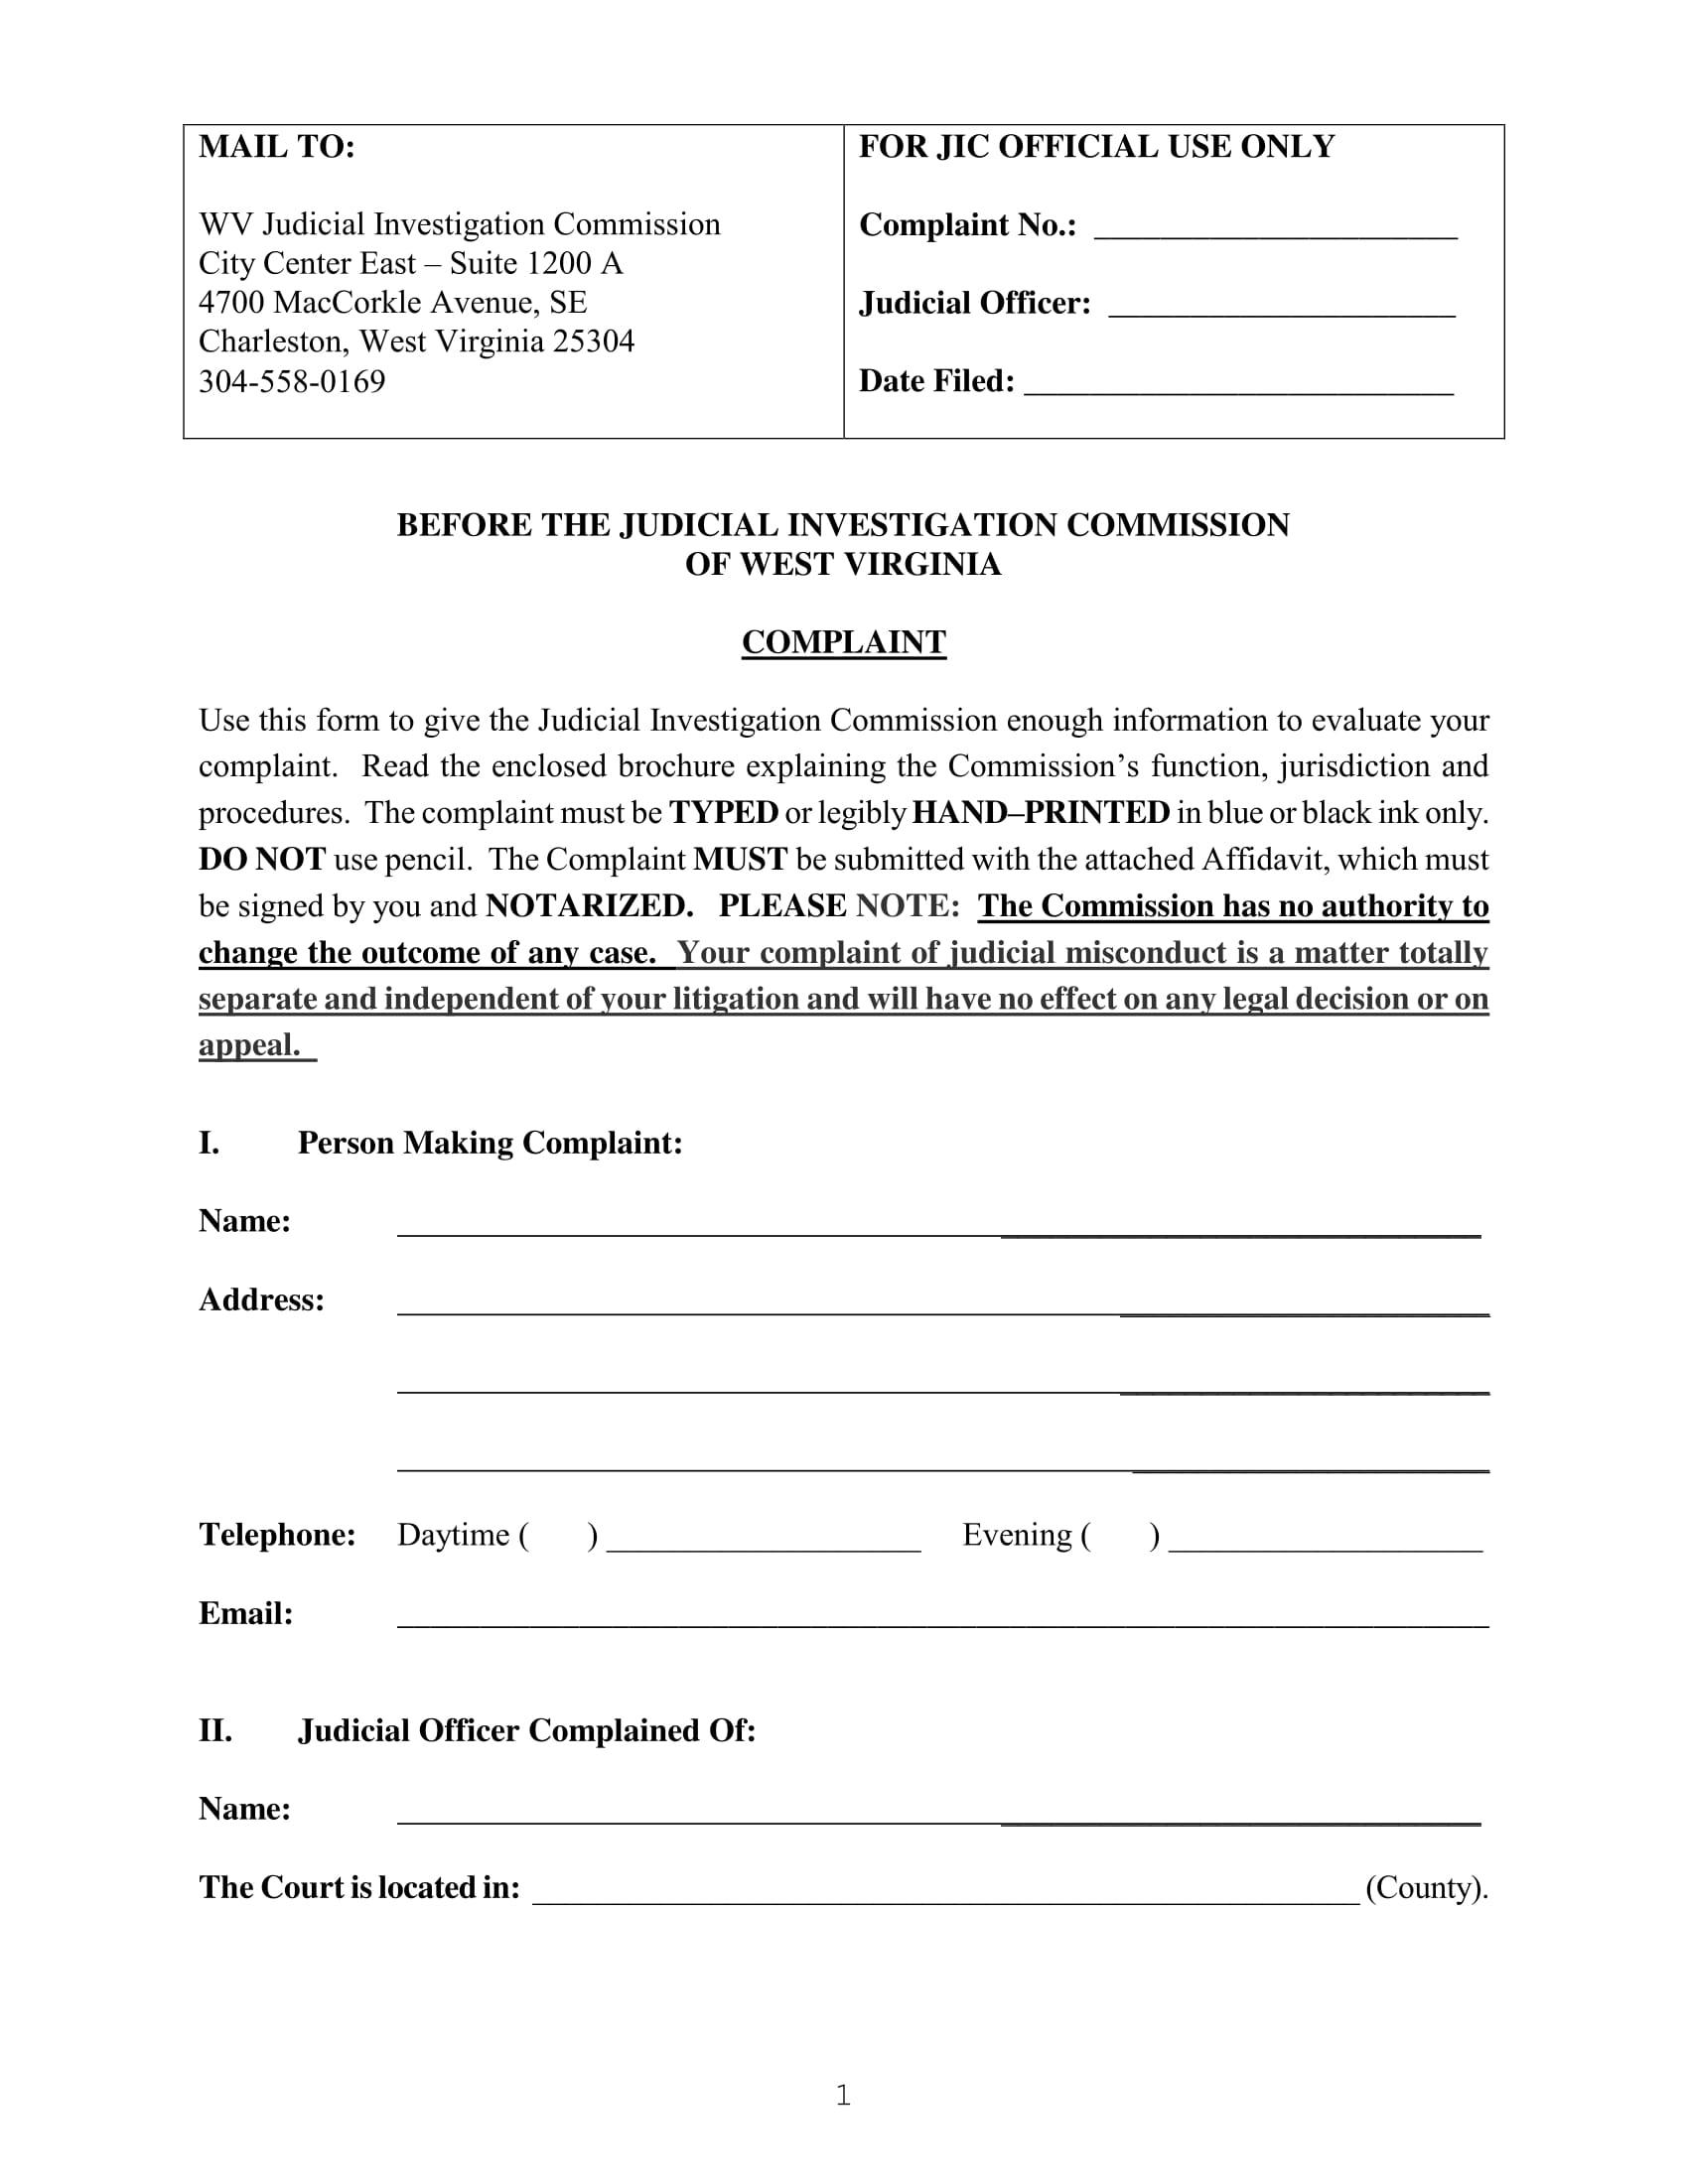 judicial council form complaint 100 free complaint forms 61 - Complaint Form